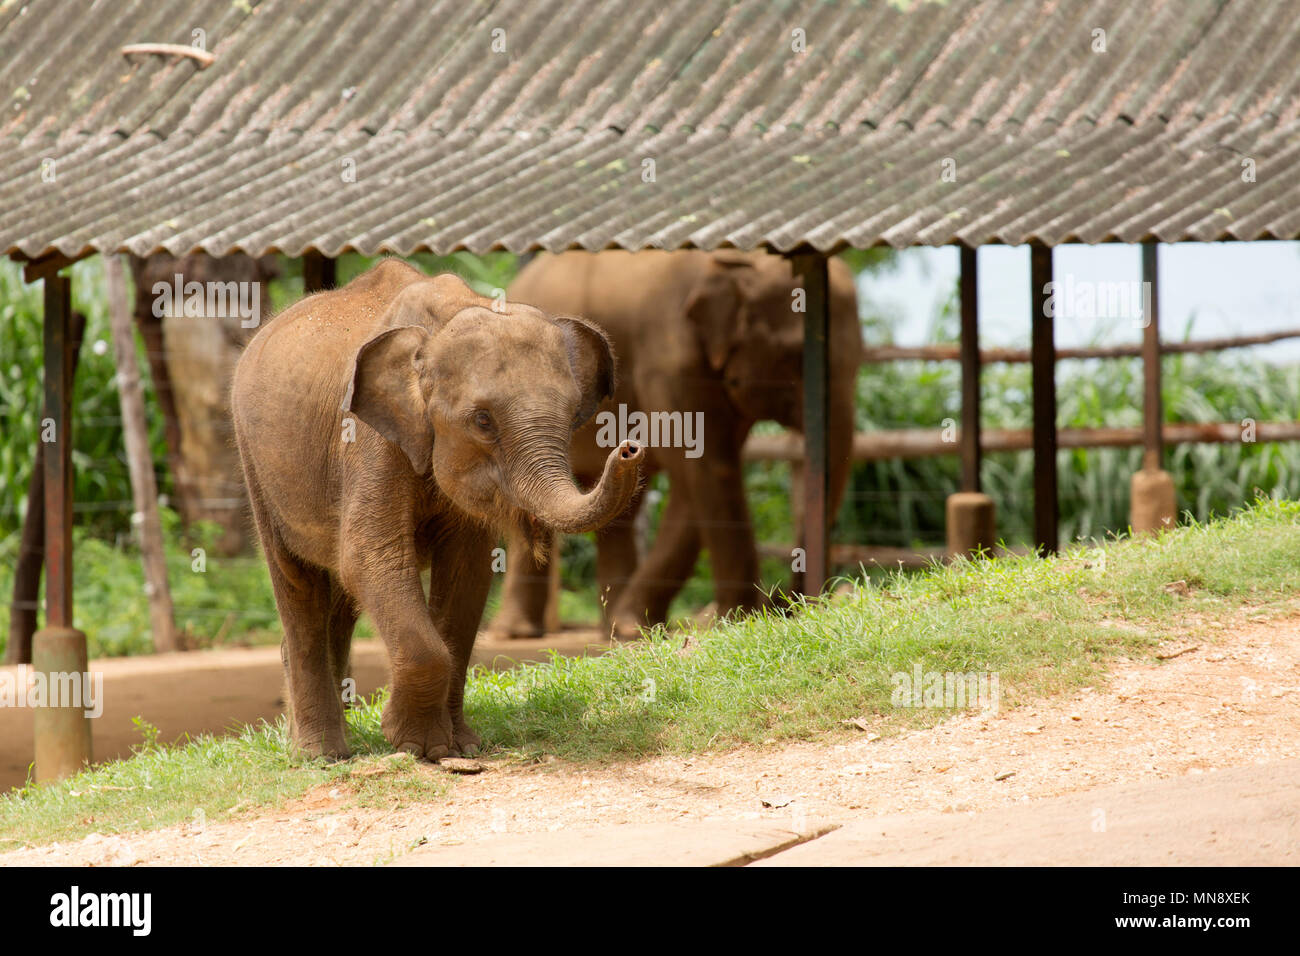 Les éléphants à l'éléphant d'Udwawalawe Uwawalawe Transit Accueil au parc national au Sri Lanka. Photo Stock